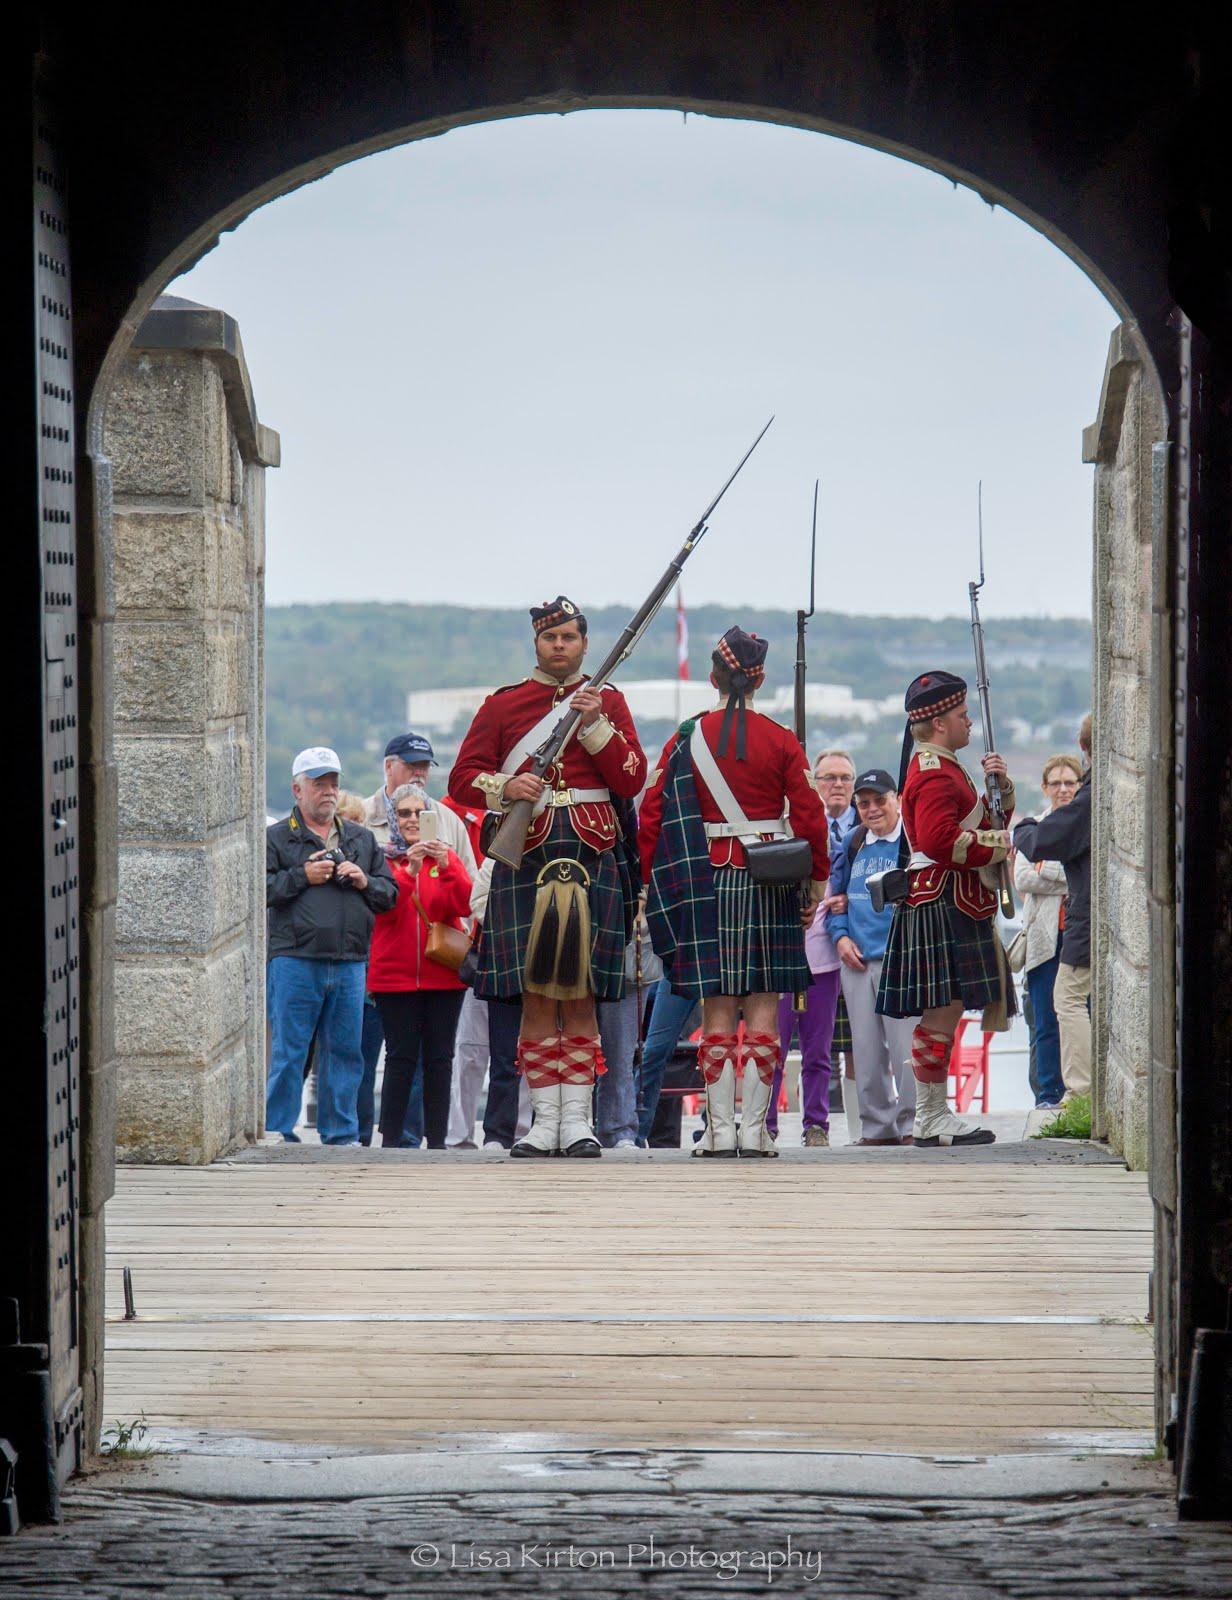 The Citadel, Halifax